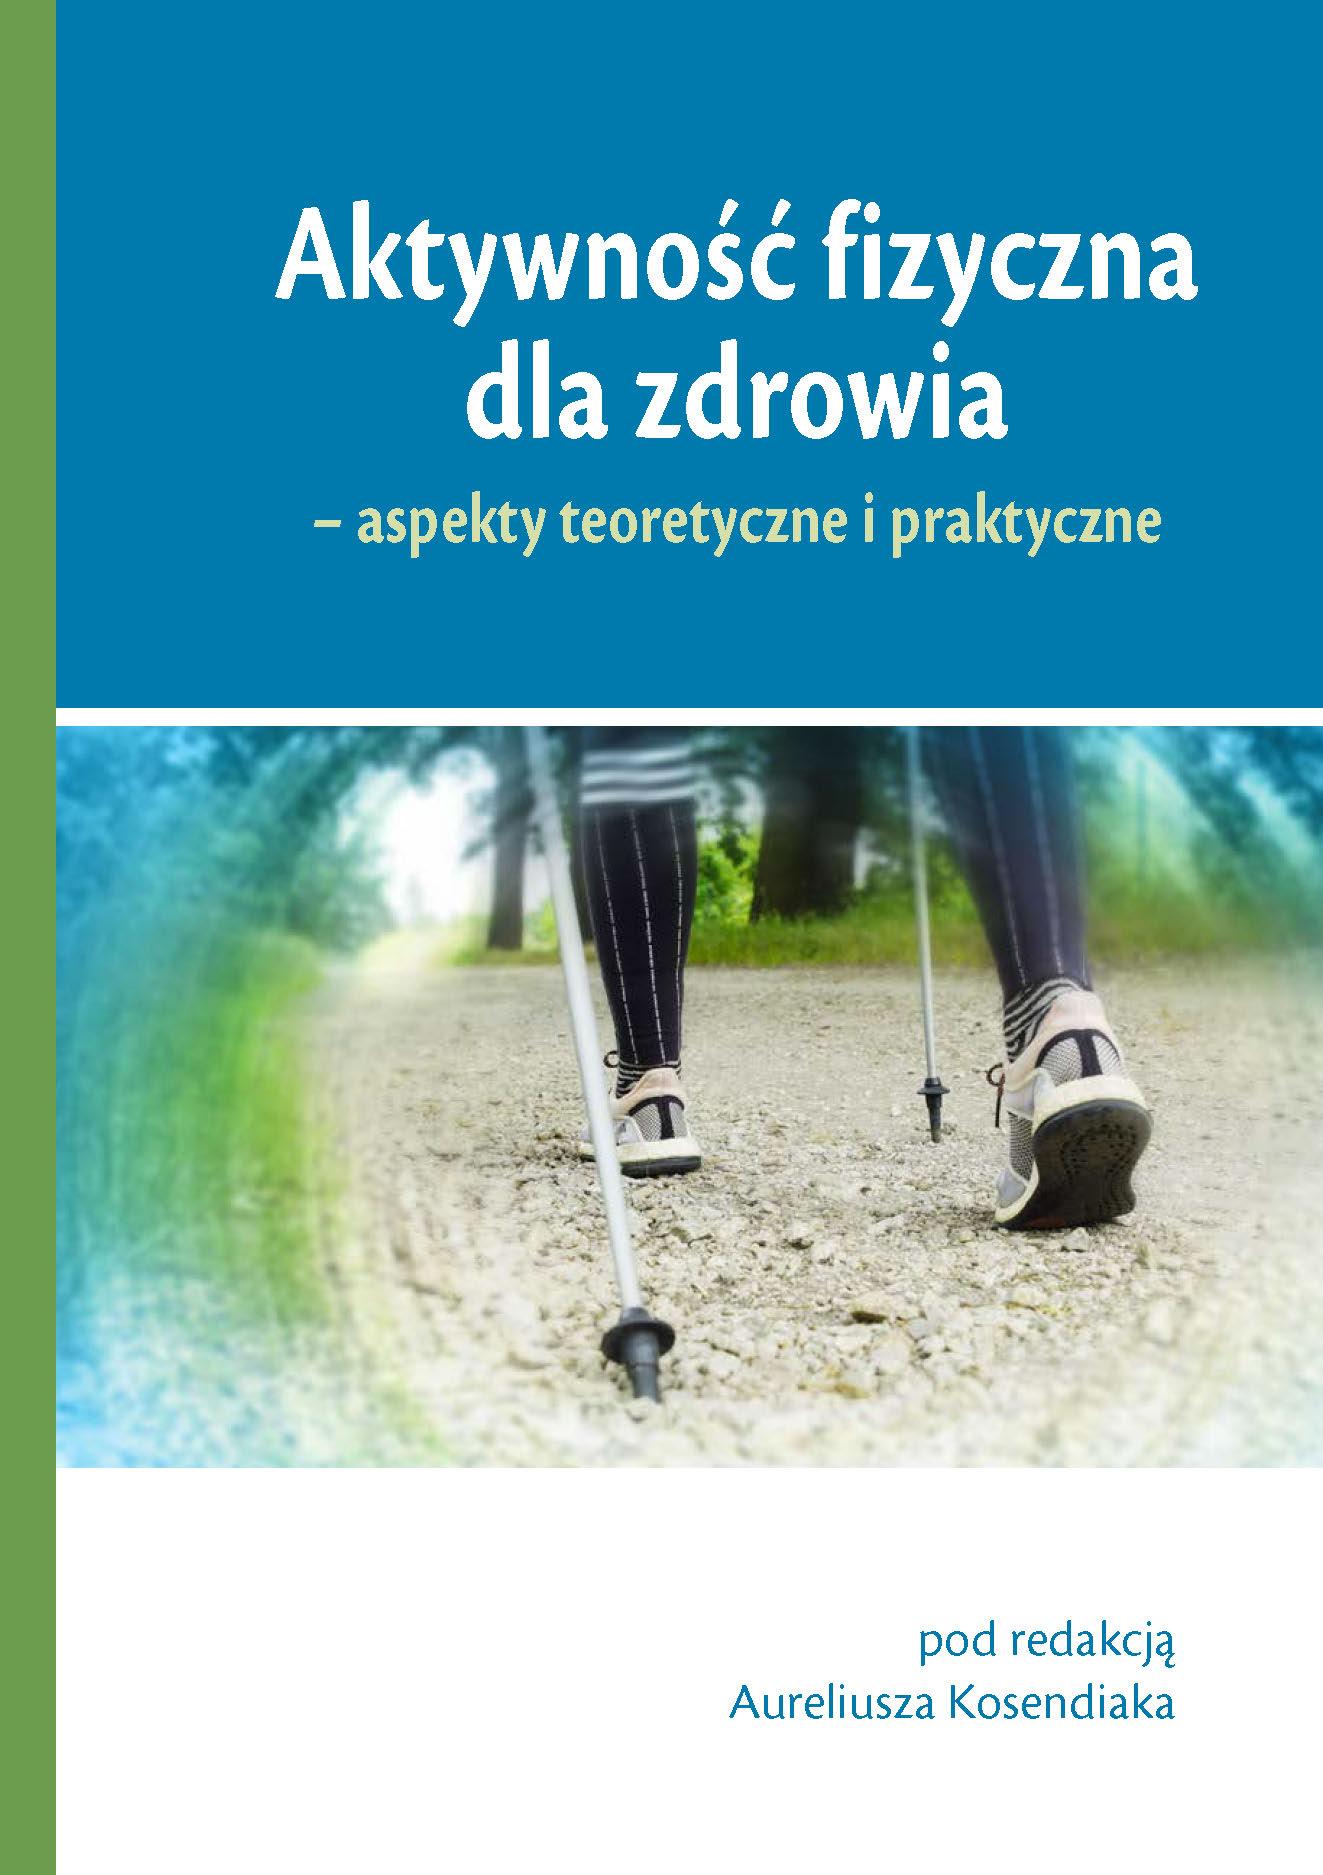 Aktywność fizyczna dla zdrowia – aspekty teoretyczne i praktyczne